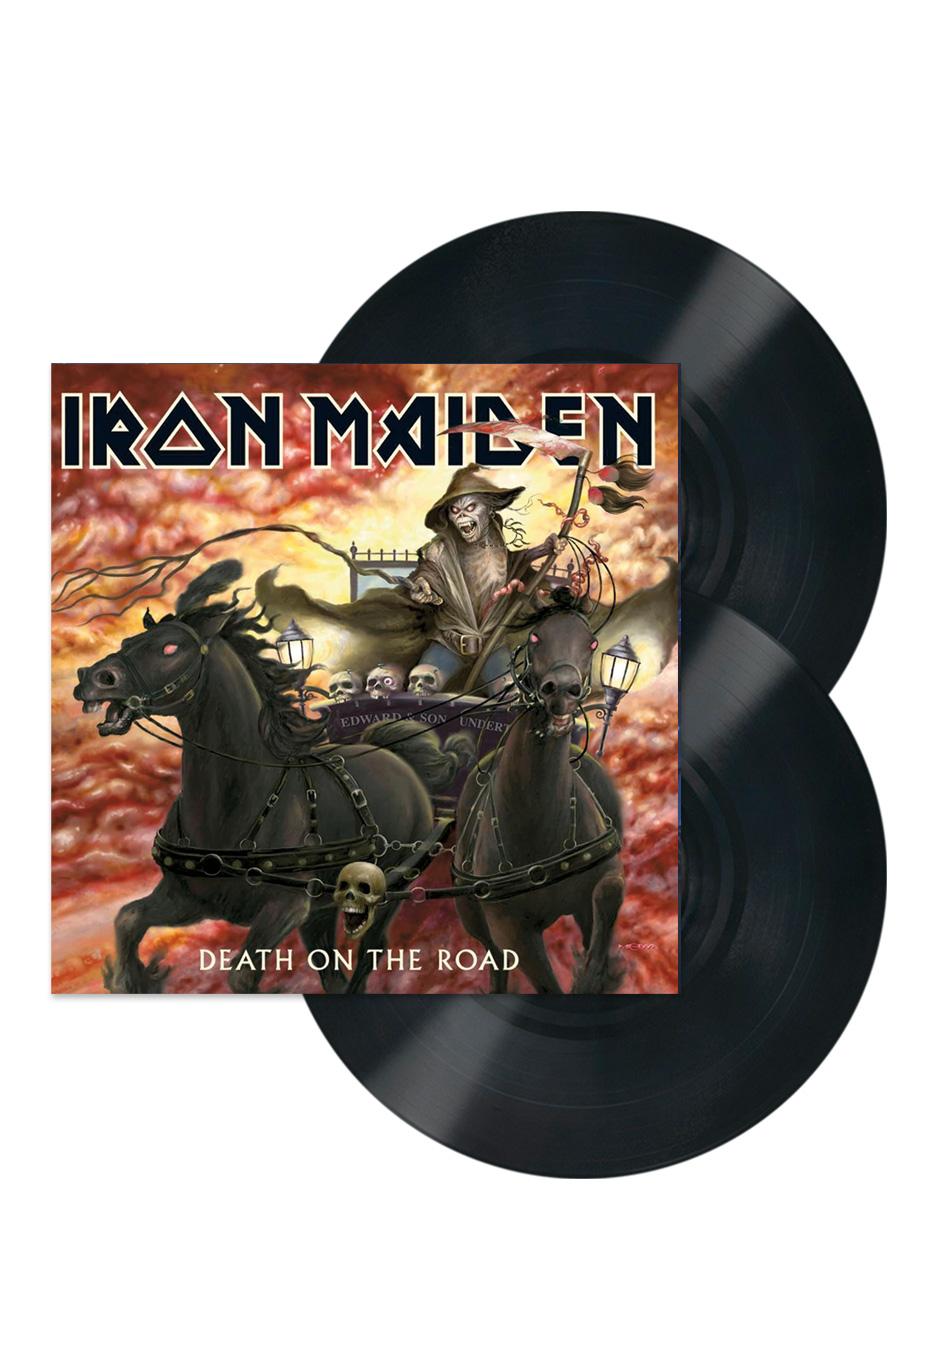 Iron Maiden - Death On The Road (Live) - Vinyl